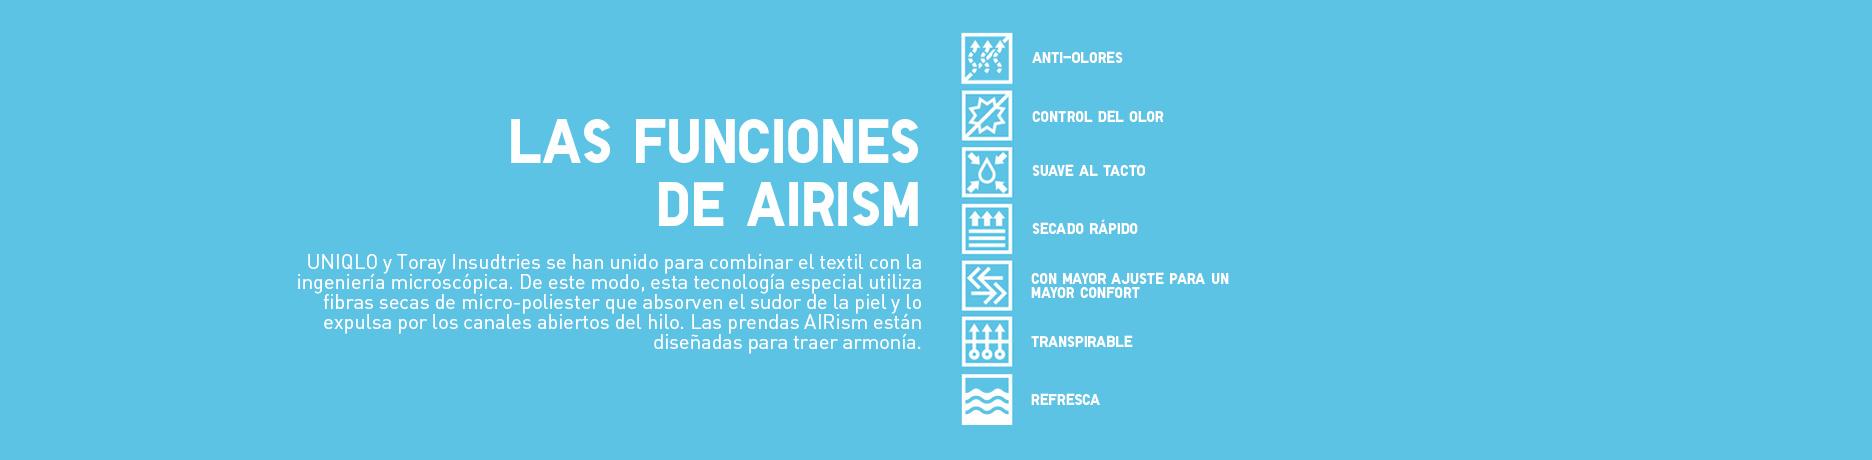 función AIRism